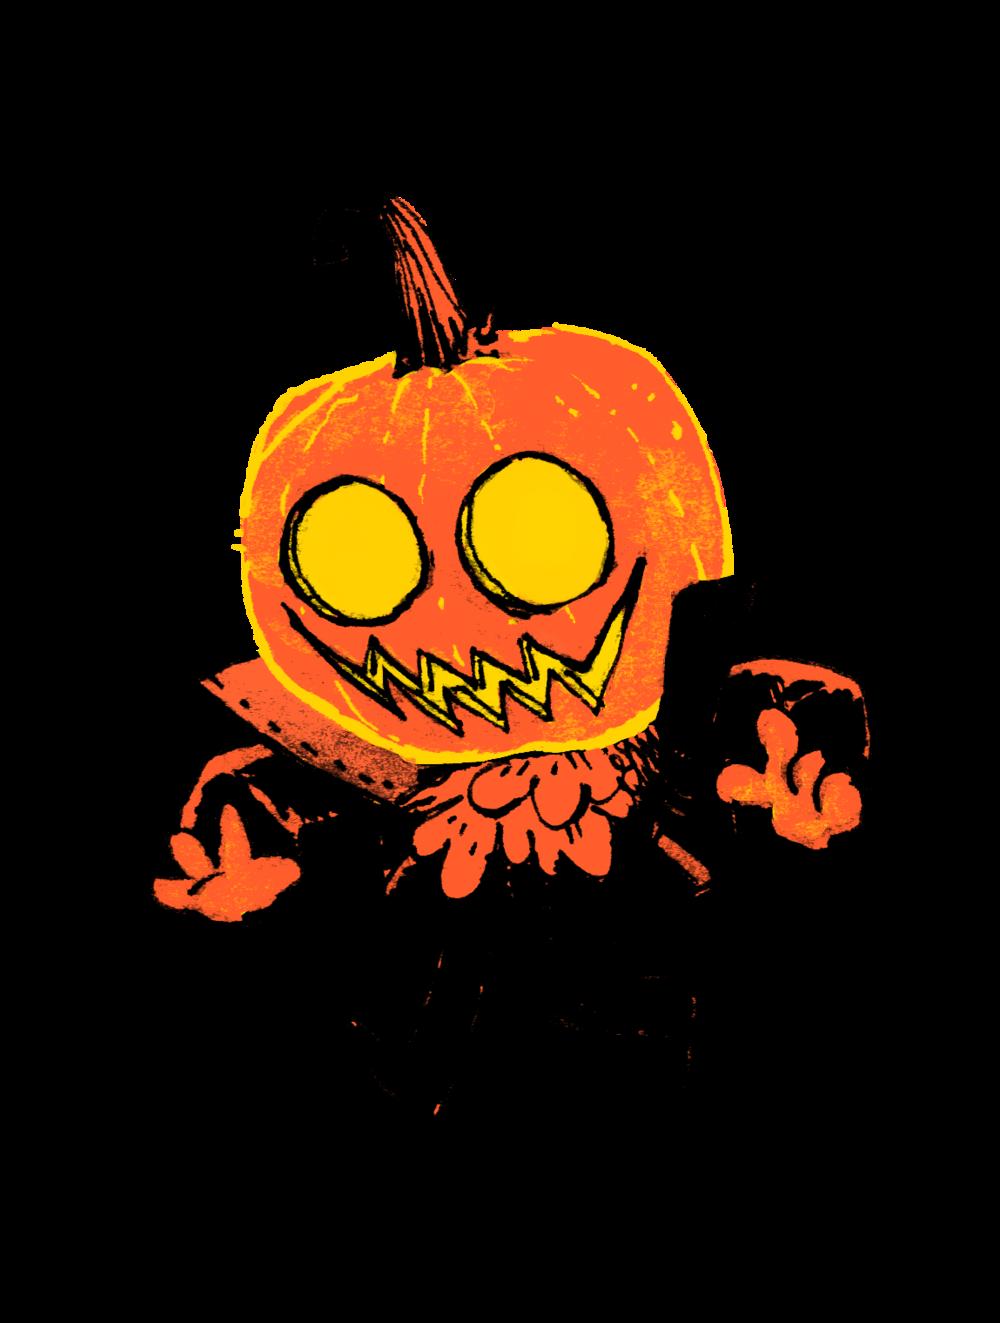 pumpkin guy002.png